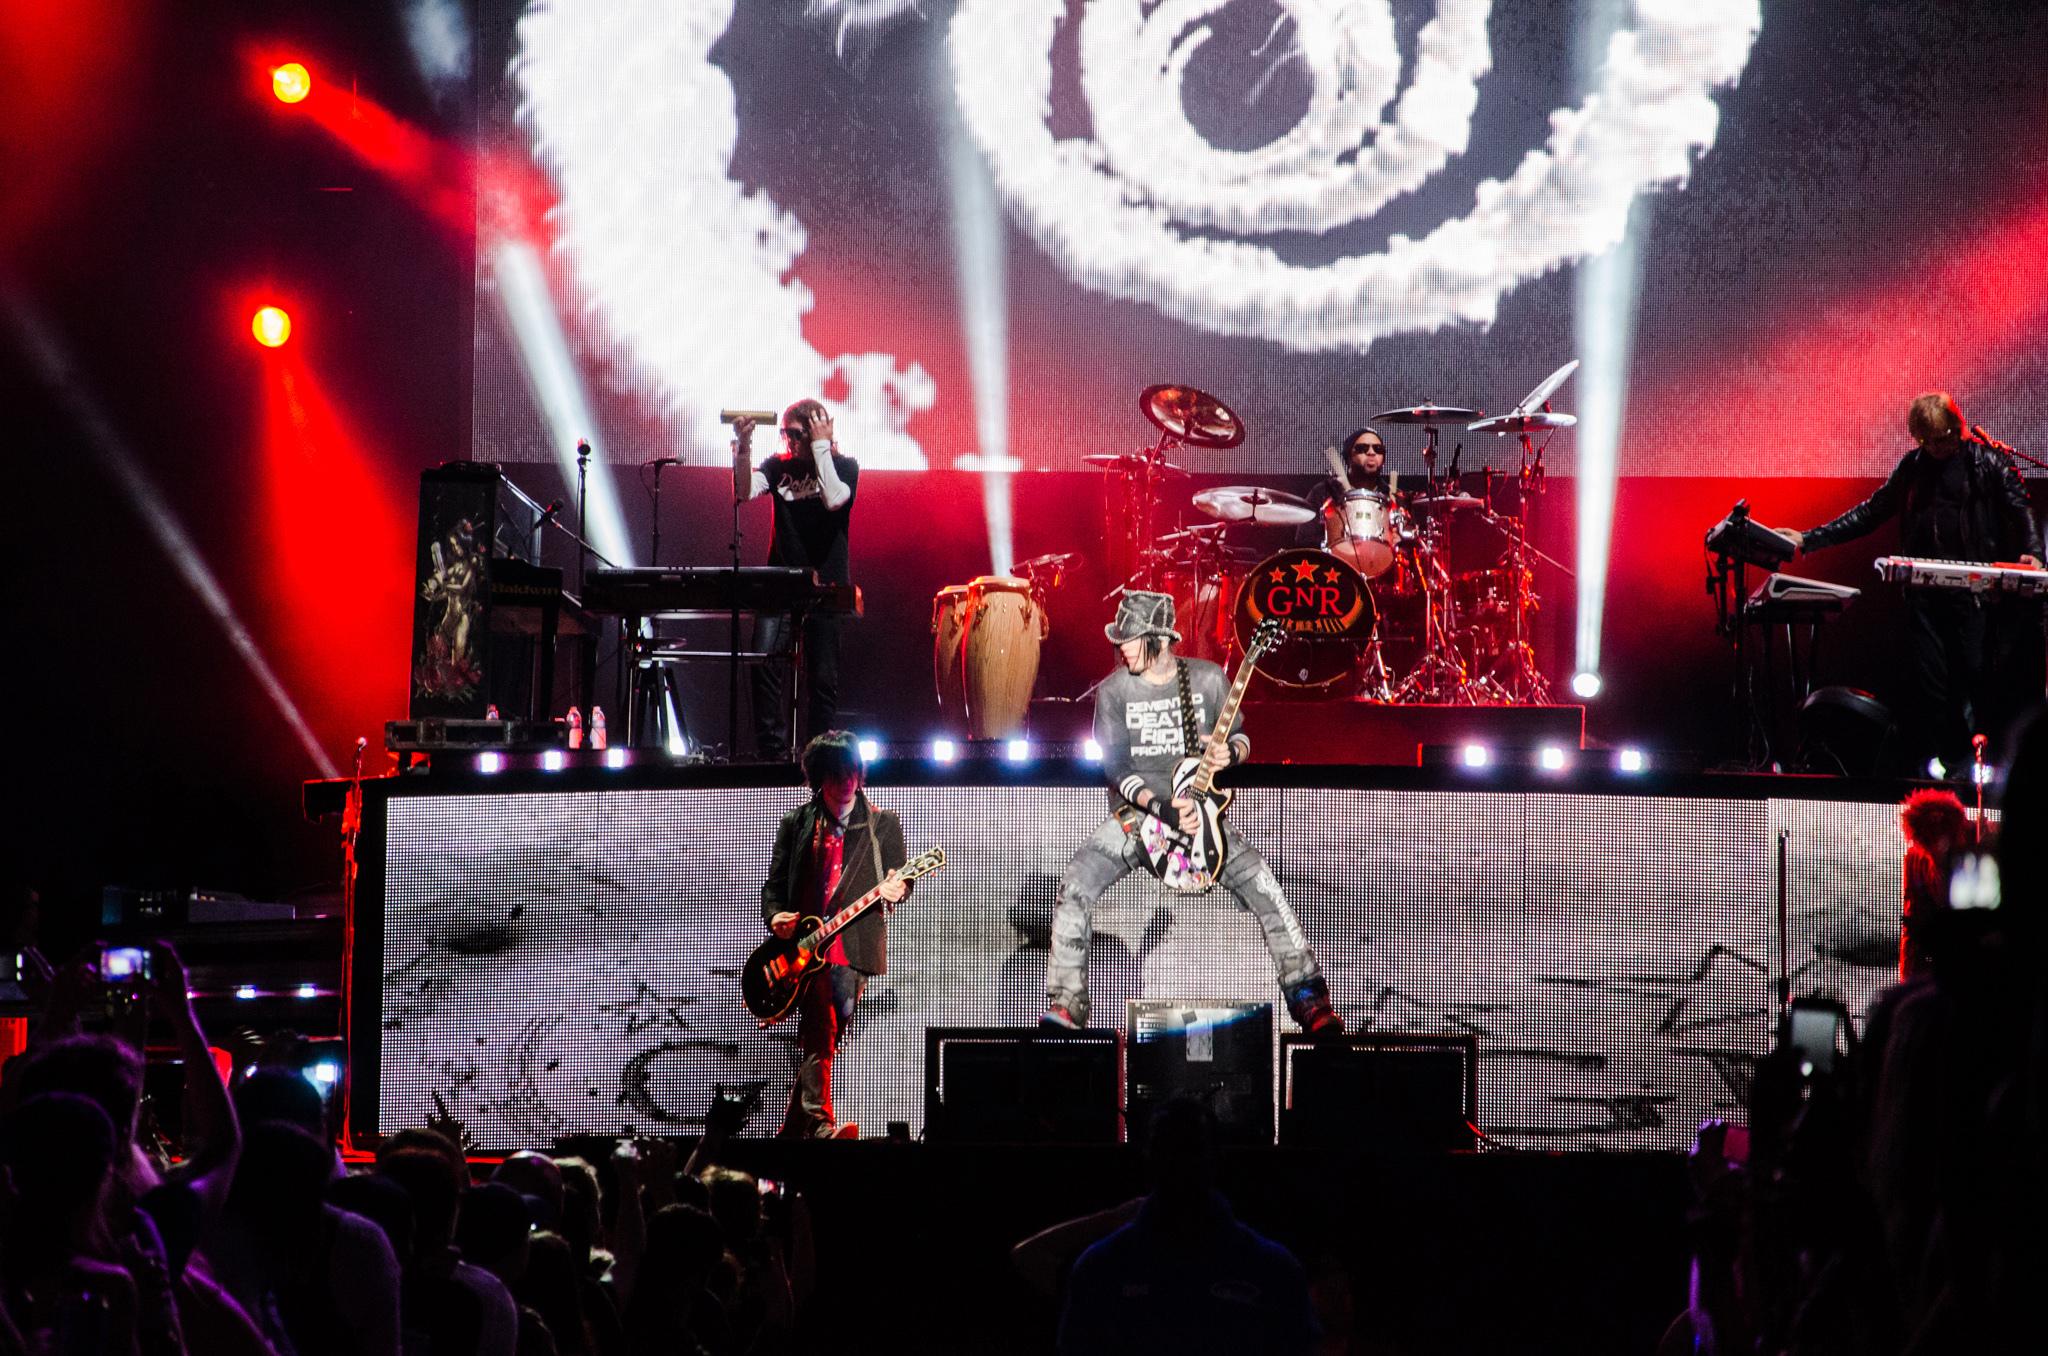 Guns N Roses at MetLife Stadium